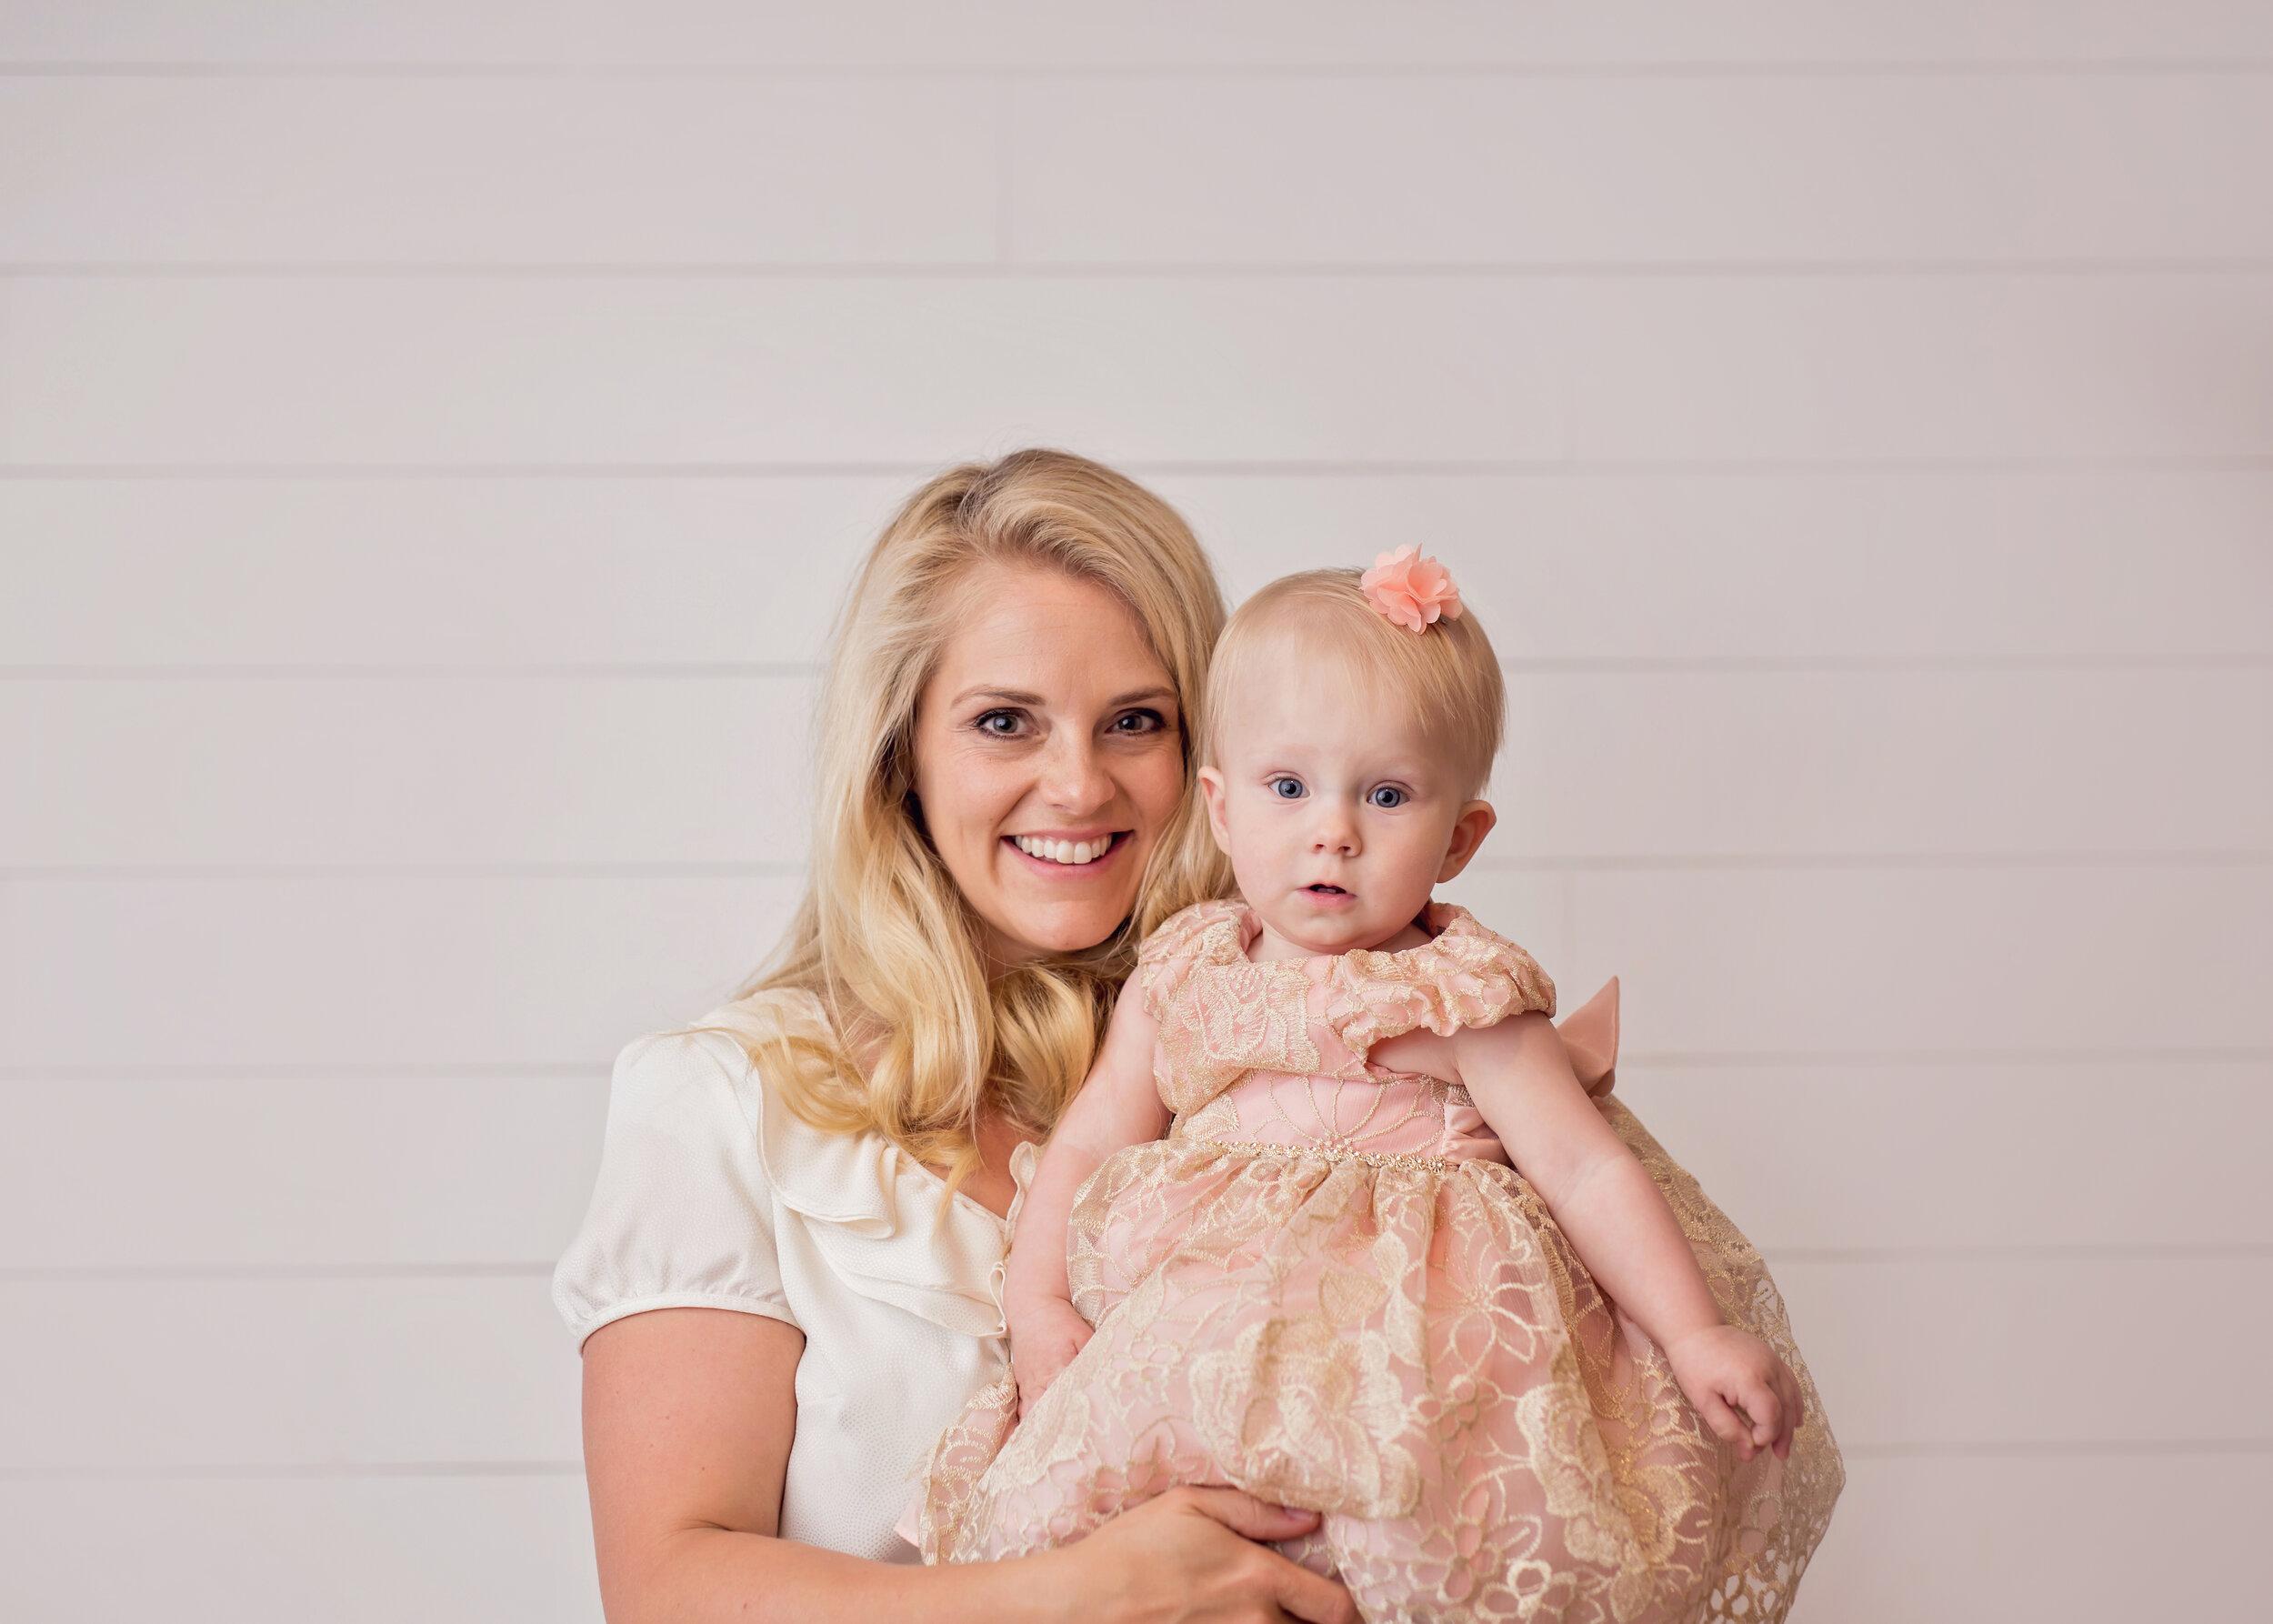 utah-county-newborn-baby-milestone-photography-utah-county-studio-photography-photographer(201of392).jpg